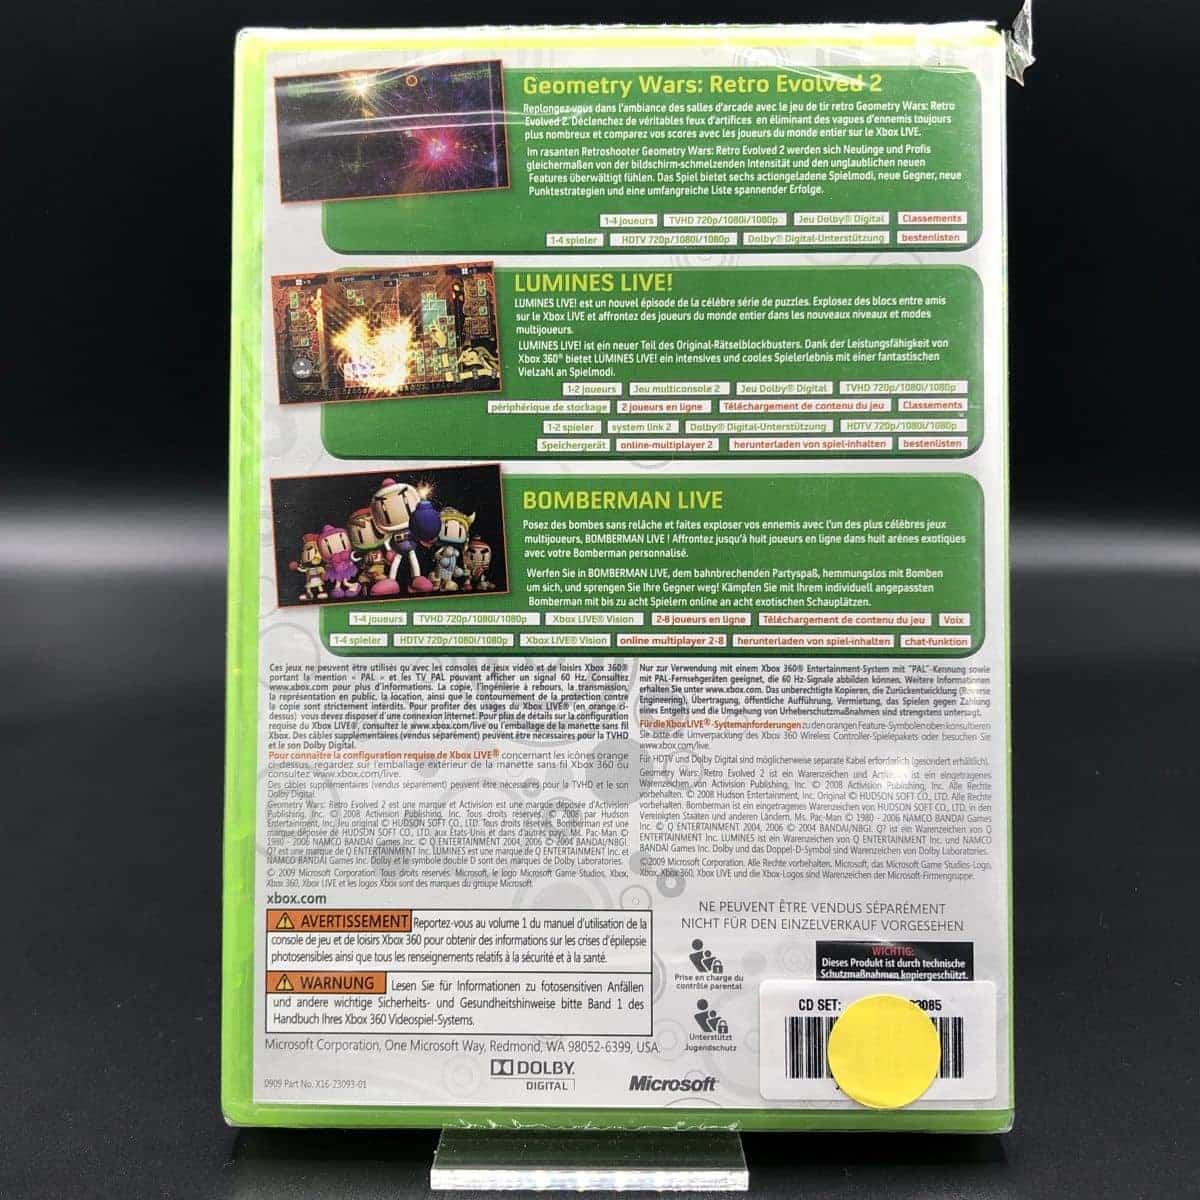 Xbox Live Arcade Game Pack (NEU) XBOX 360